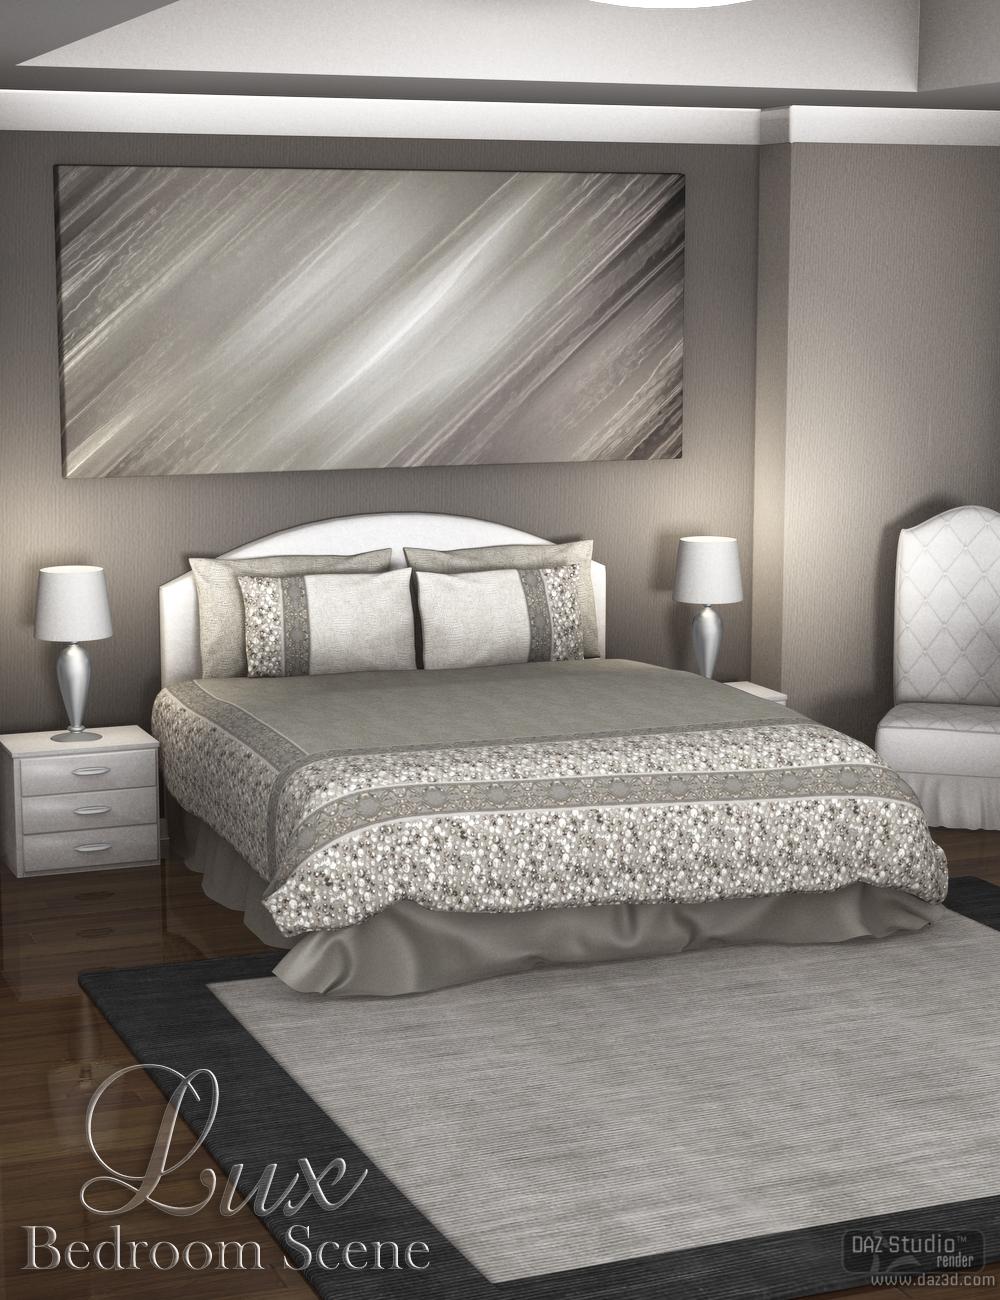 Luxury Bedroom Scene by: Nikisatez, 3D Models by Daz 3D